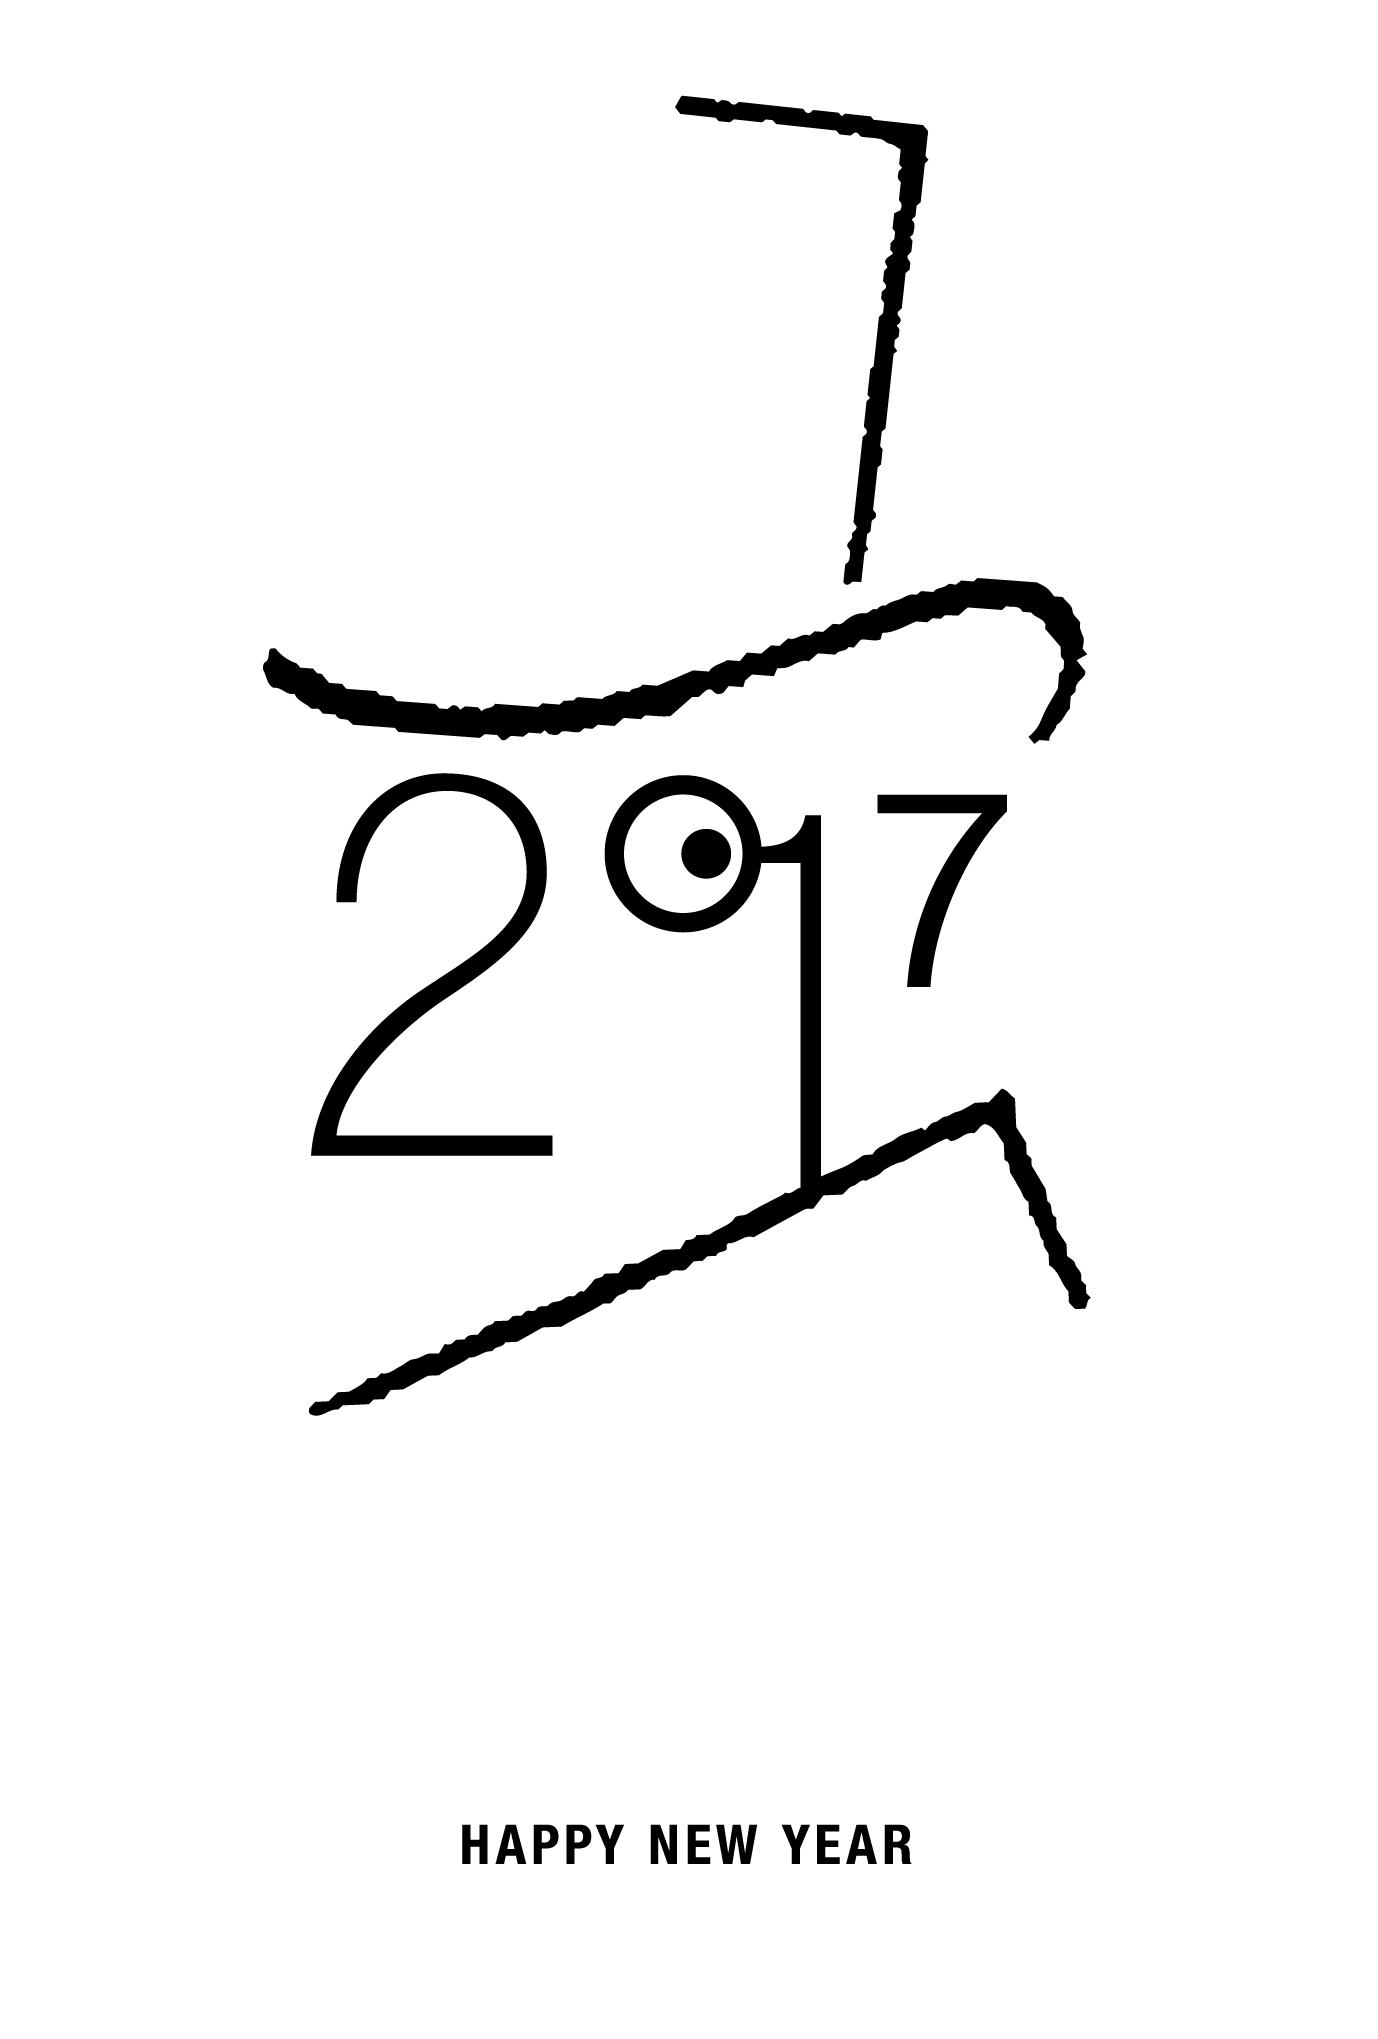 2017年賀状15-1:Gentleman 2017 / 1のダウンロード画像